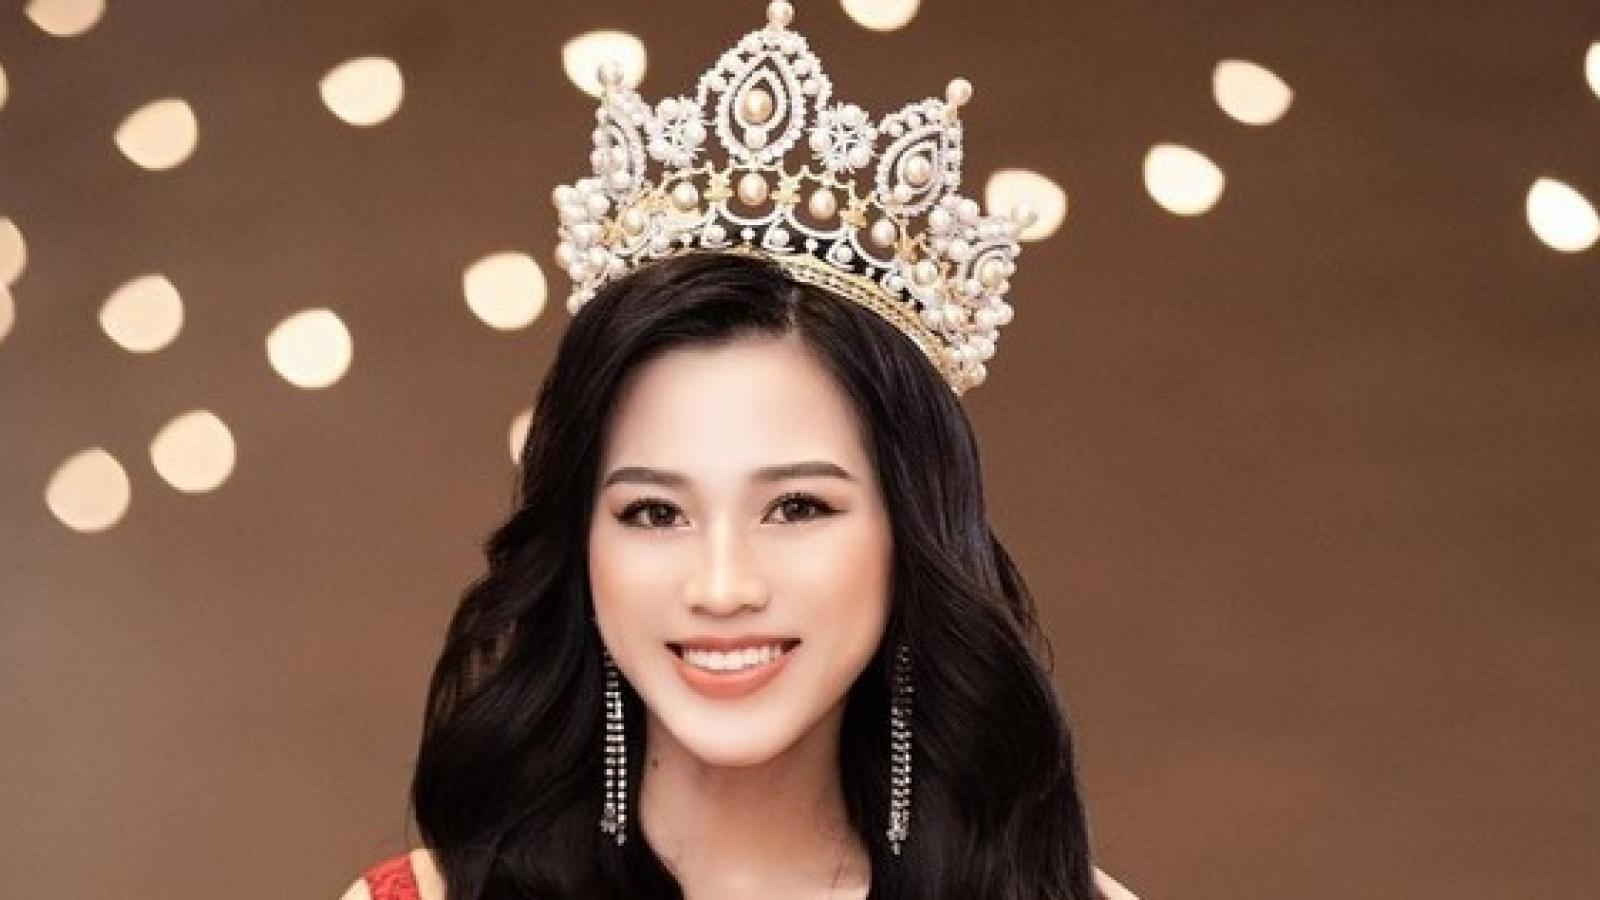 Hoa hậu Đỗ Thị Hà nhận được nhiều lời khen từ fans quốc tế